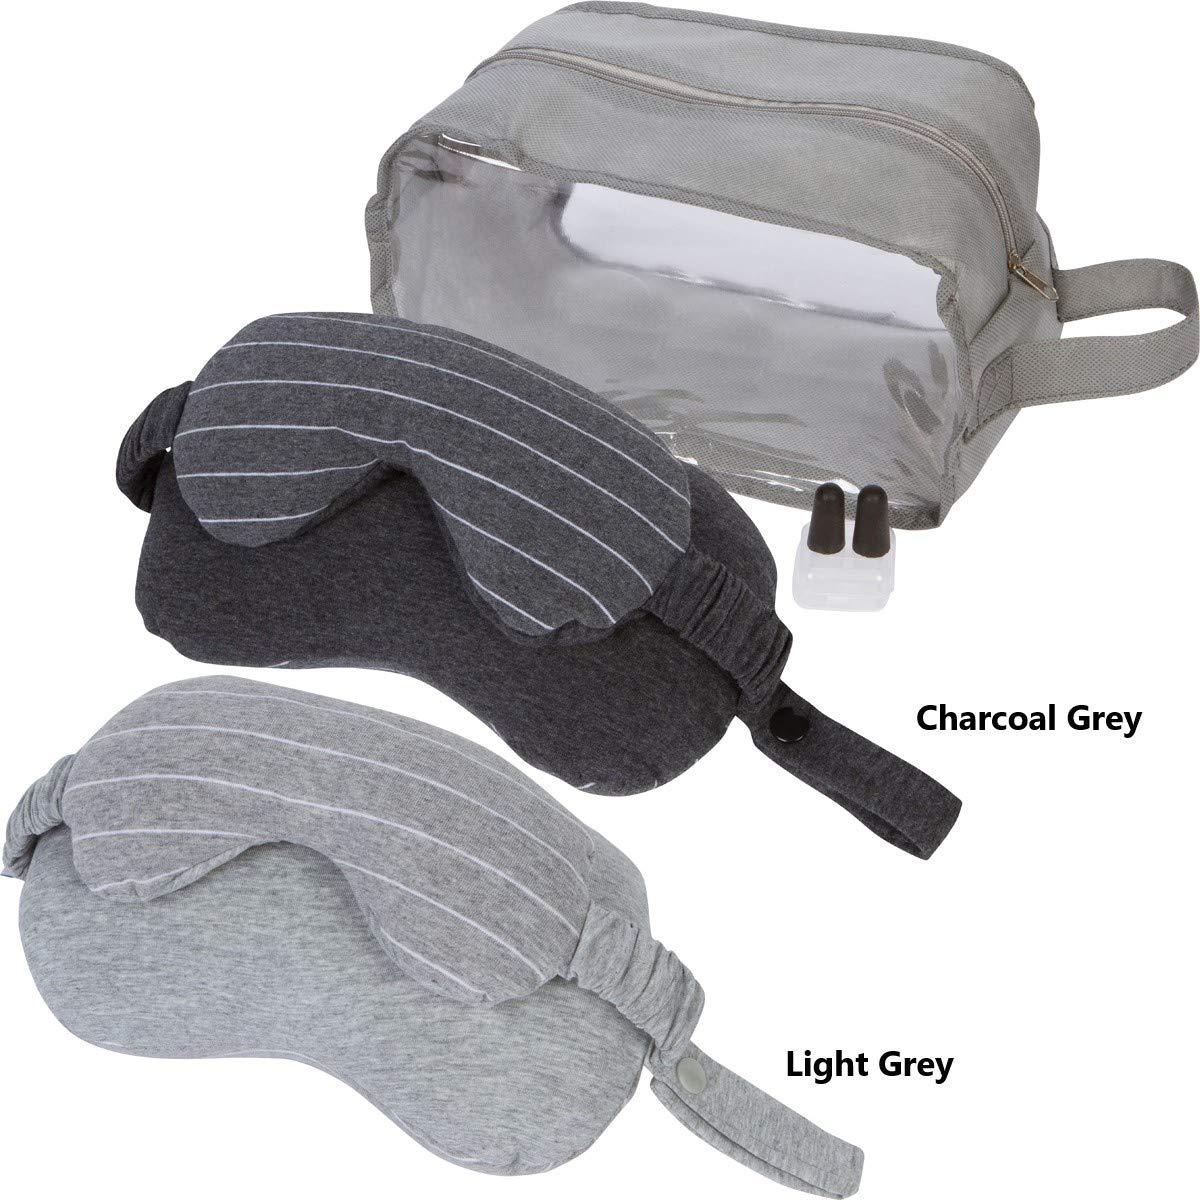 Perennial Products トラベルネックピローセット アイマスク、収納ケース、耳栓付き 車や電車、飛行機でのリラックスした旅に ライトグレーとダークグレー  ダークグレー B07NQLV1NS